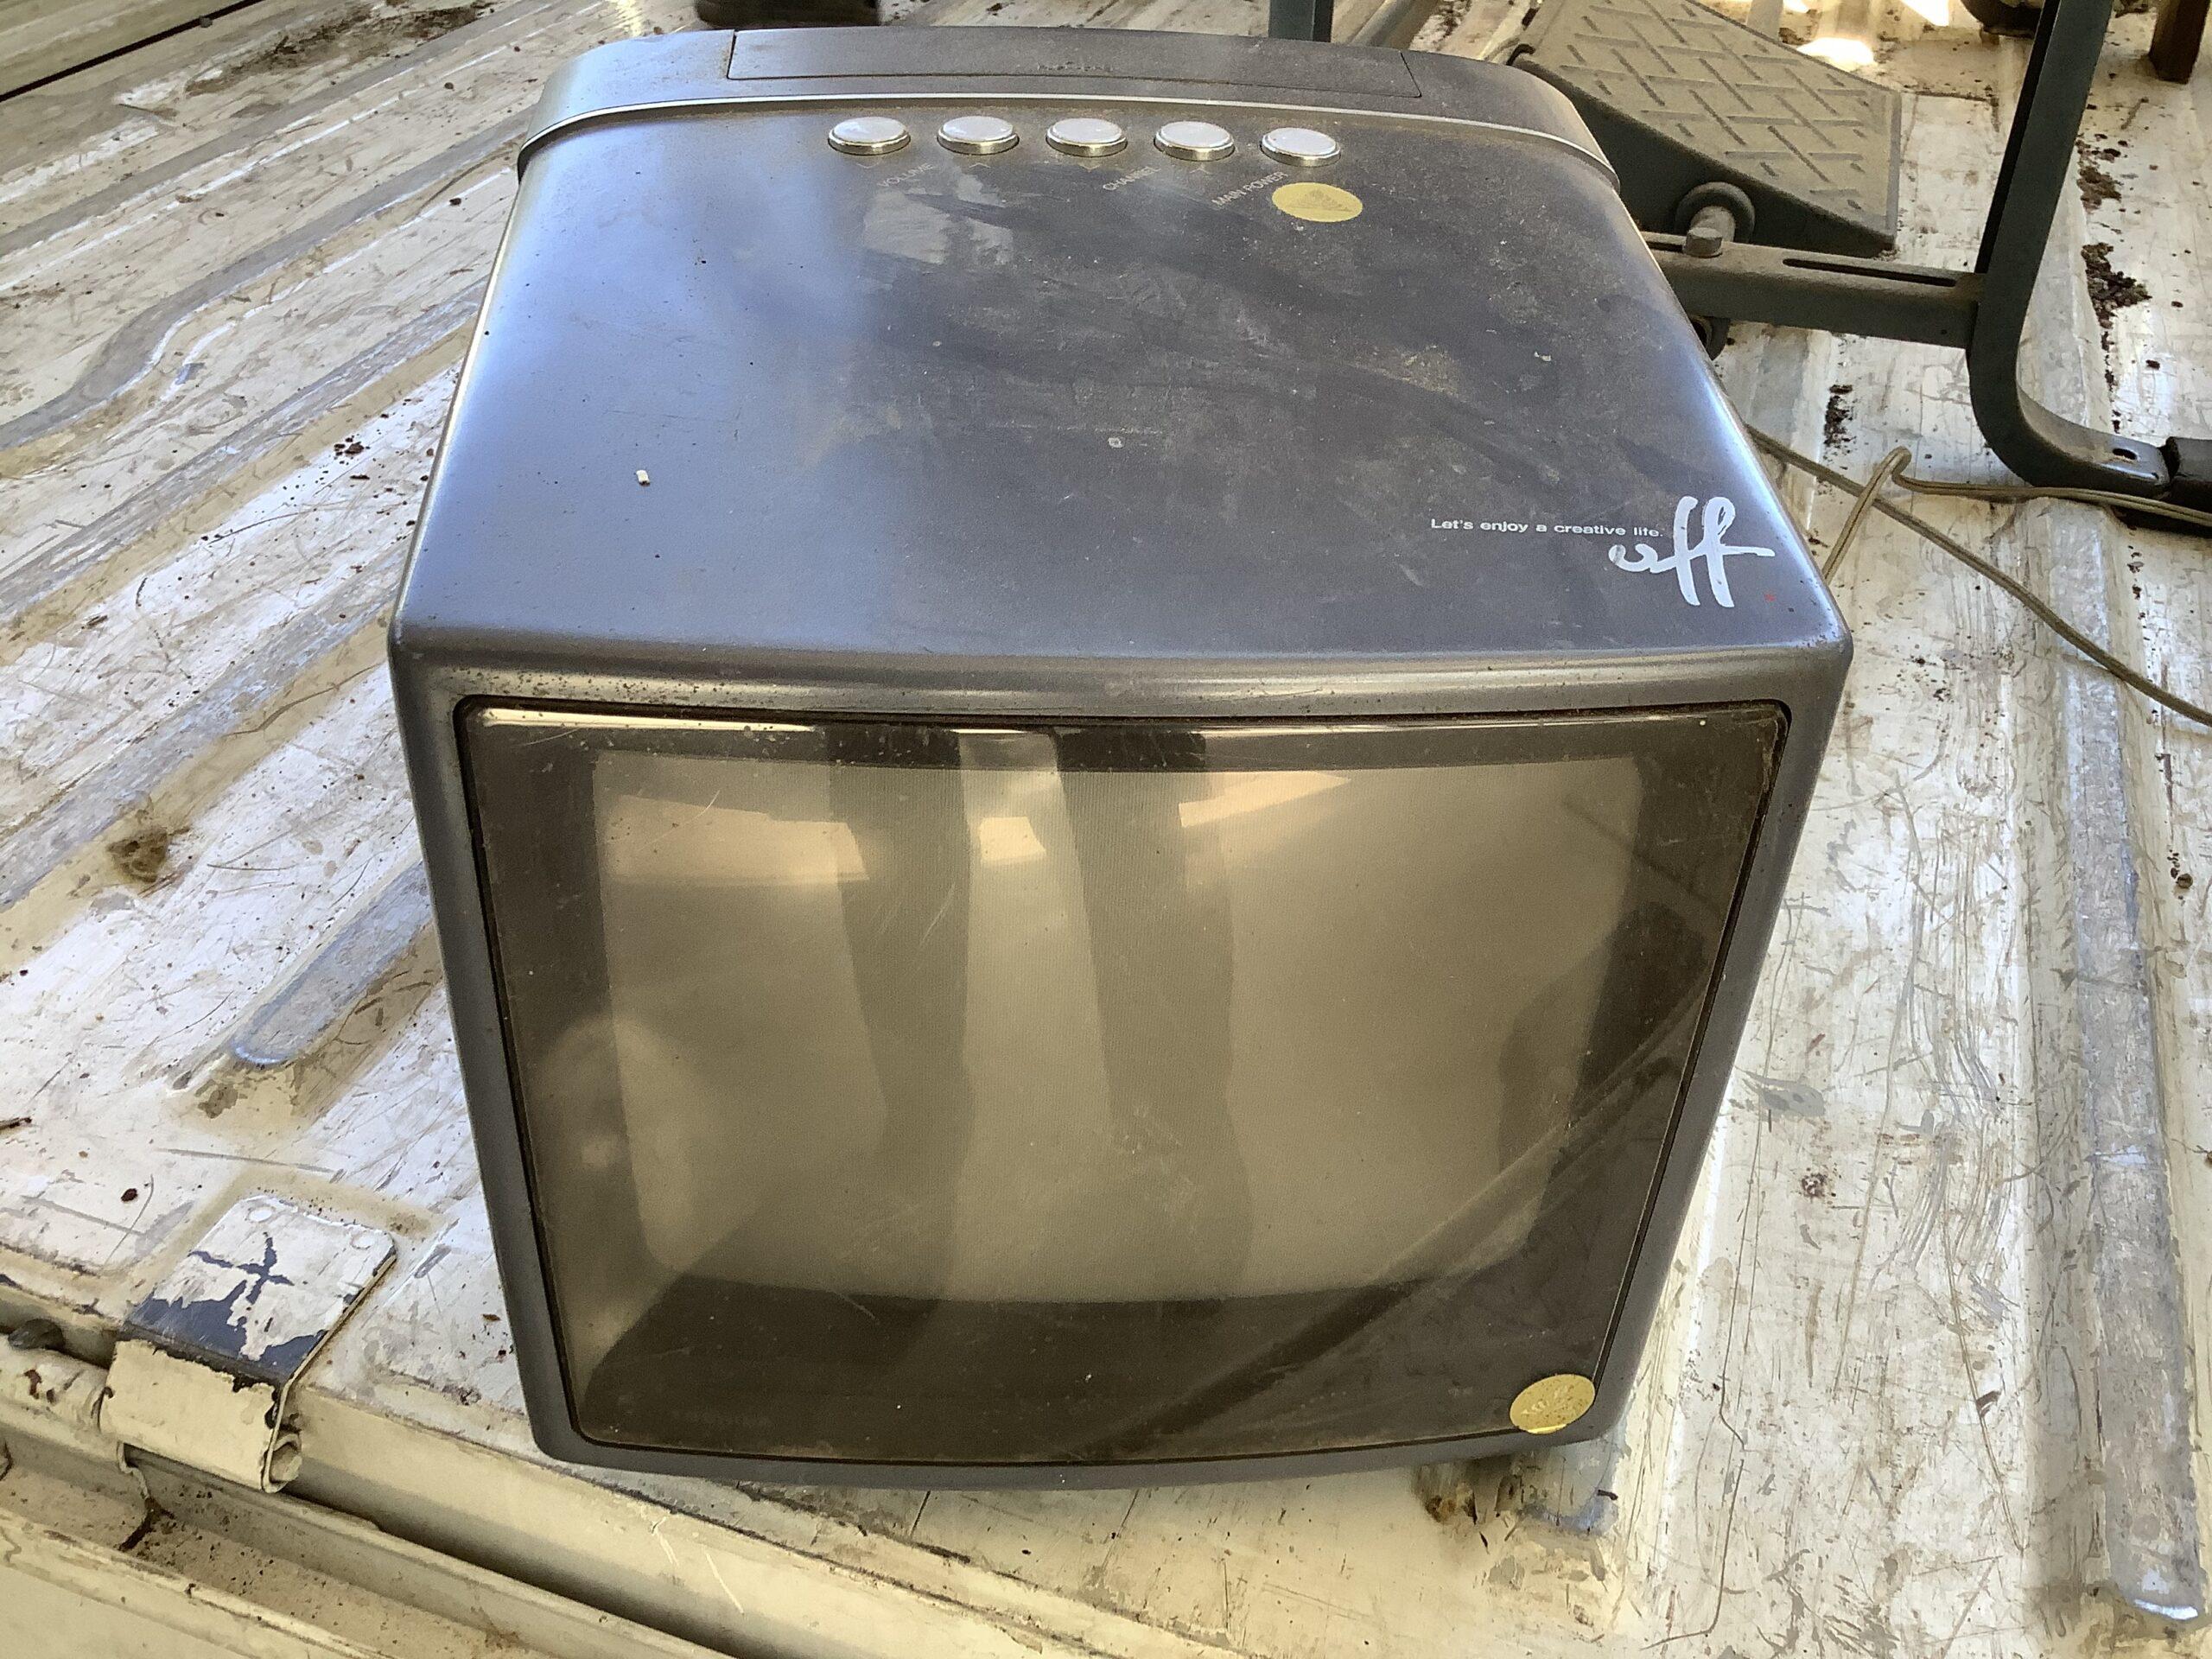 福山市今津町で回収したブラウン管テレビ